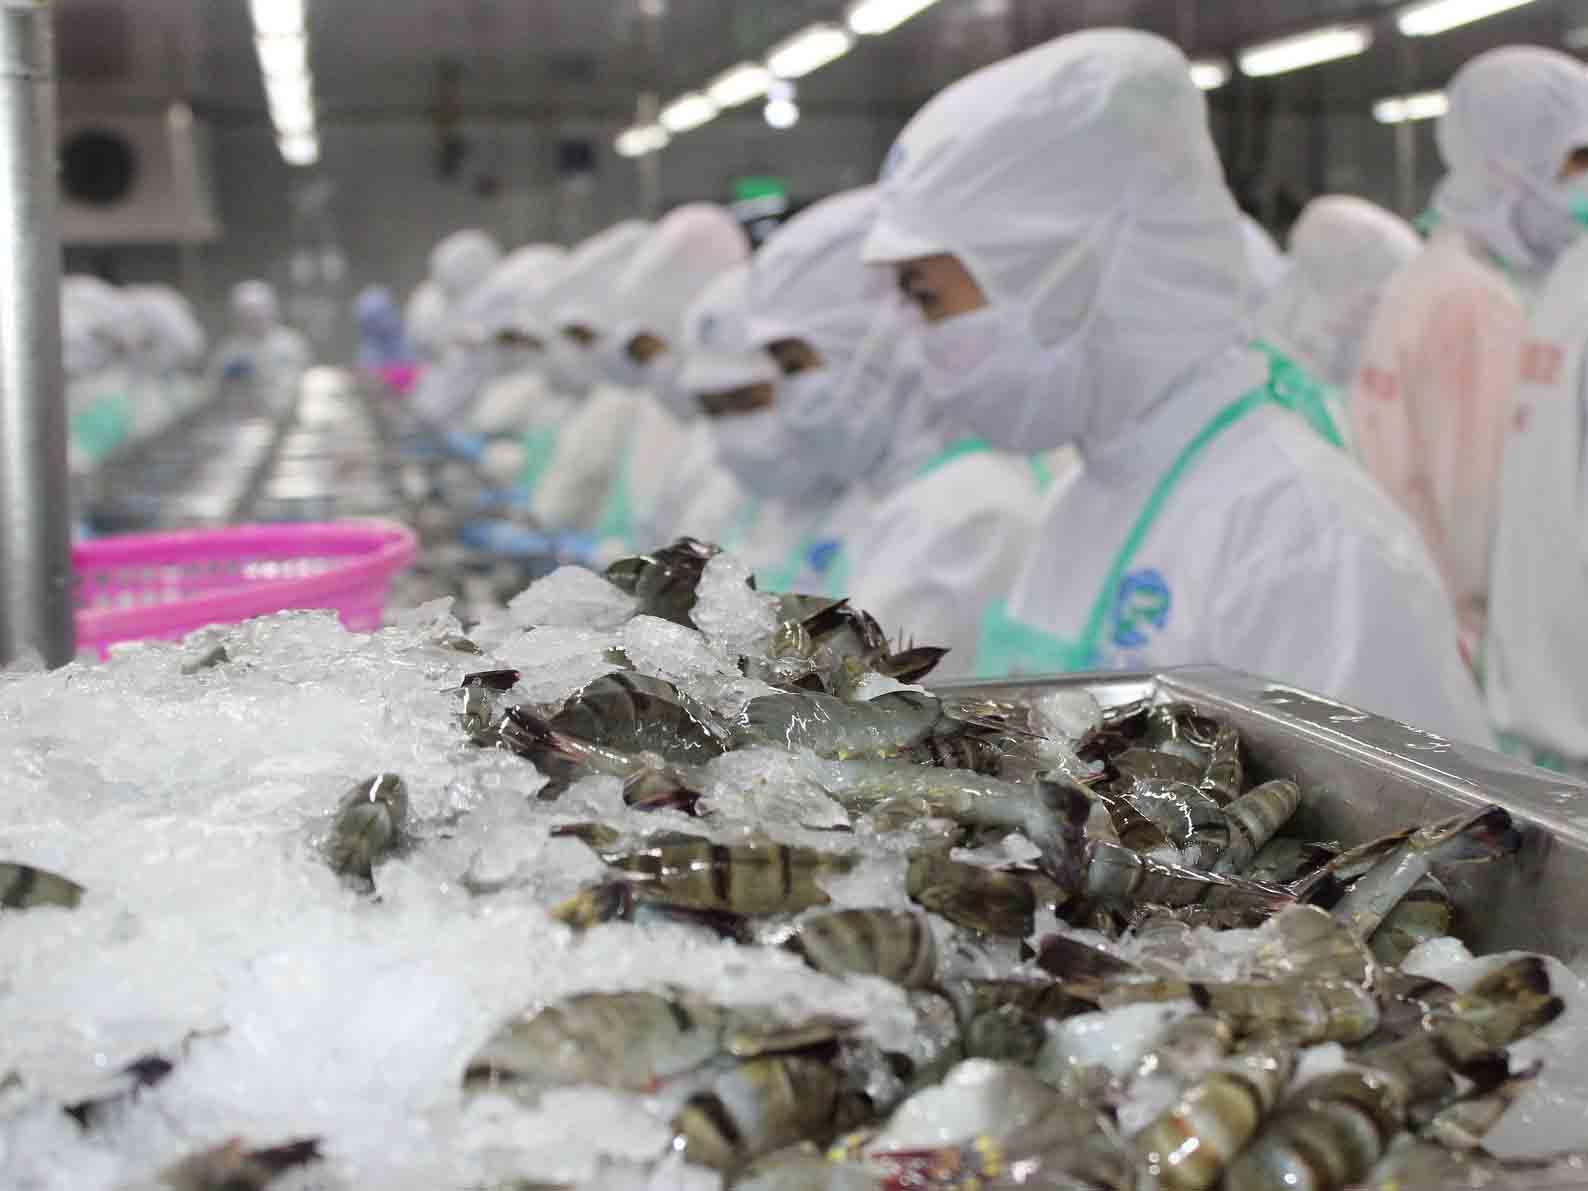 Năm nay, ngành tôm có những thuận lợi và thách thức gì?